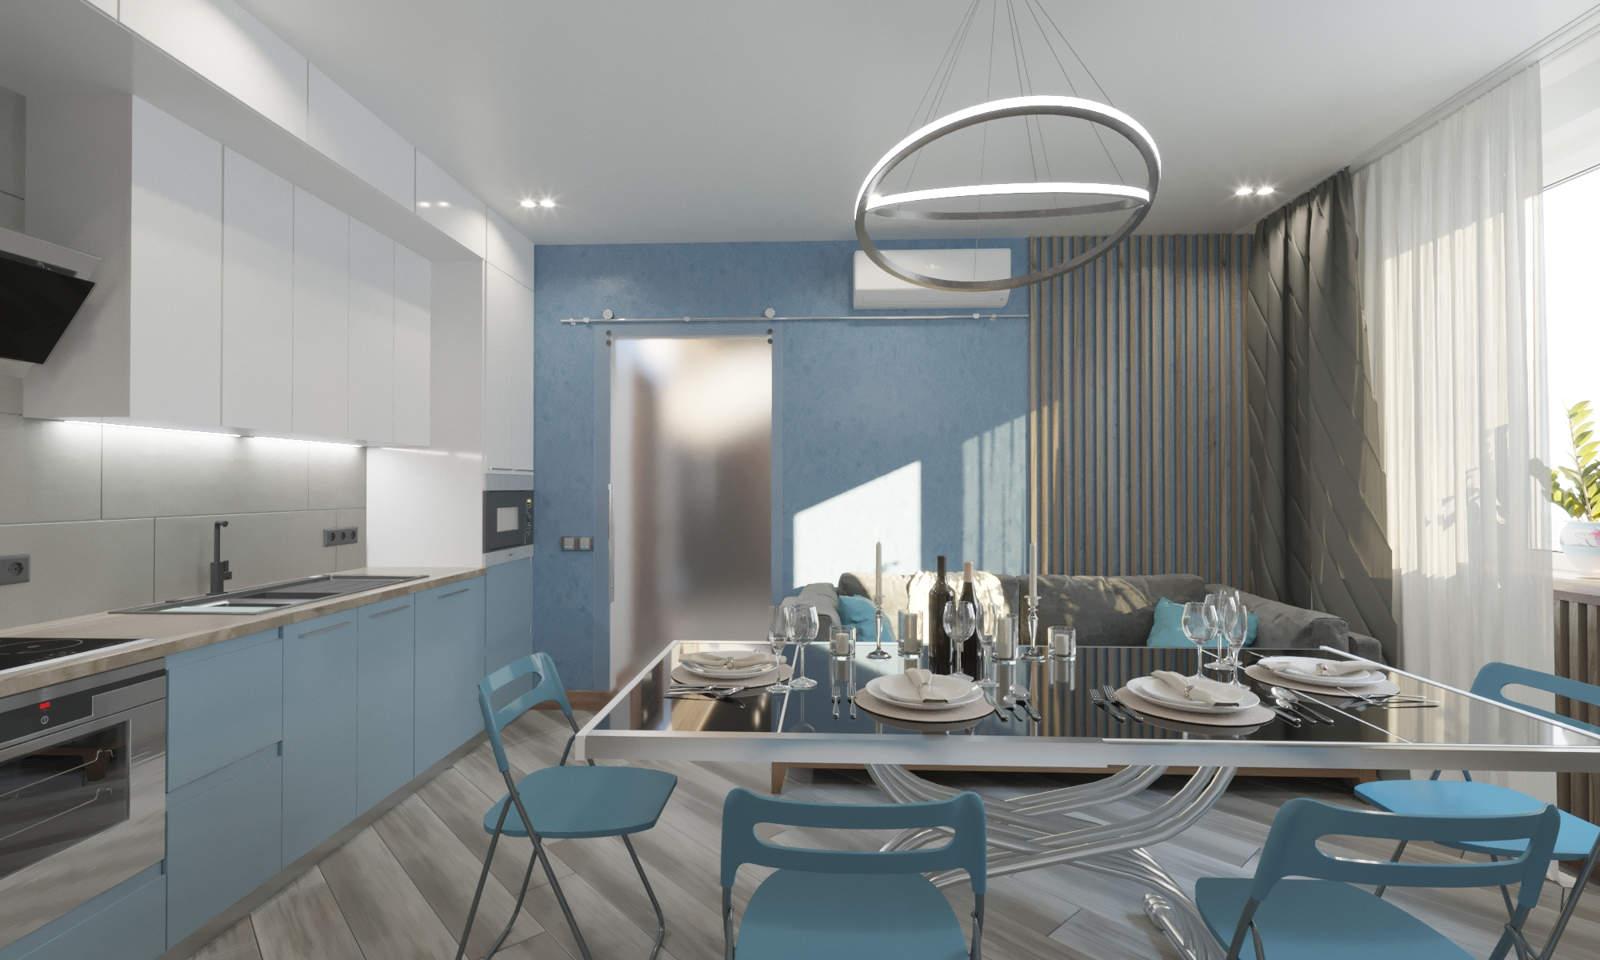 Дизайн кухни гостинной Киев в синем цвете, современный стиль